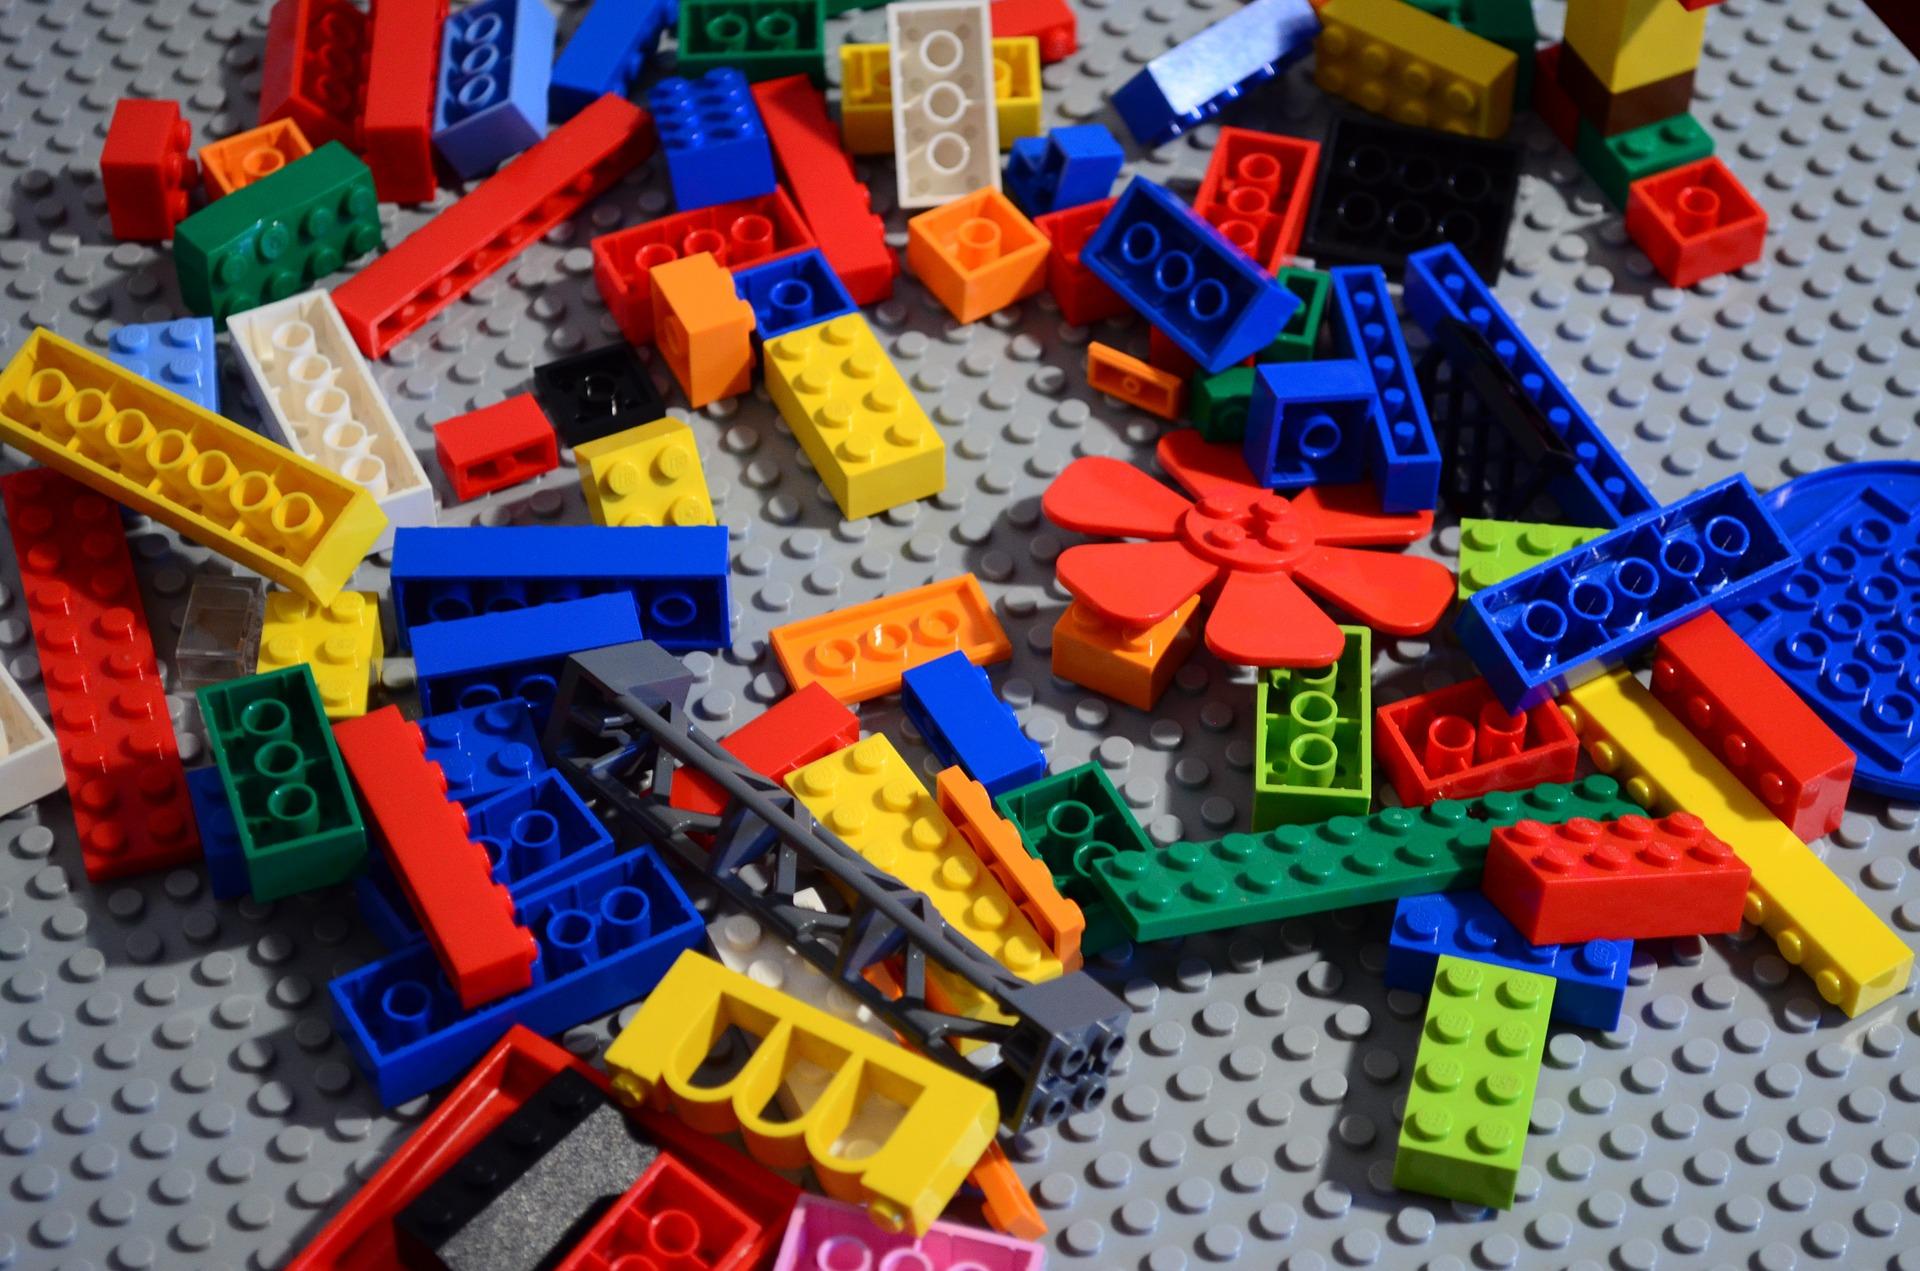 lego-688154_1920.jpg